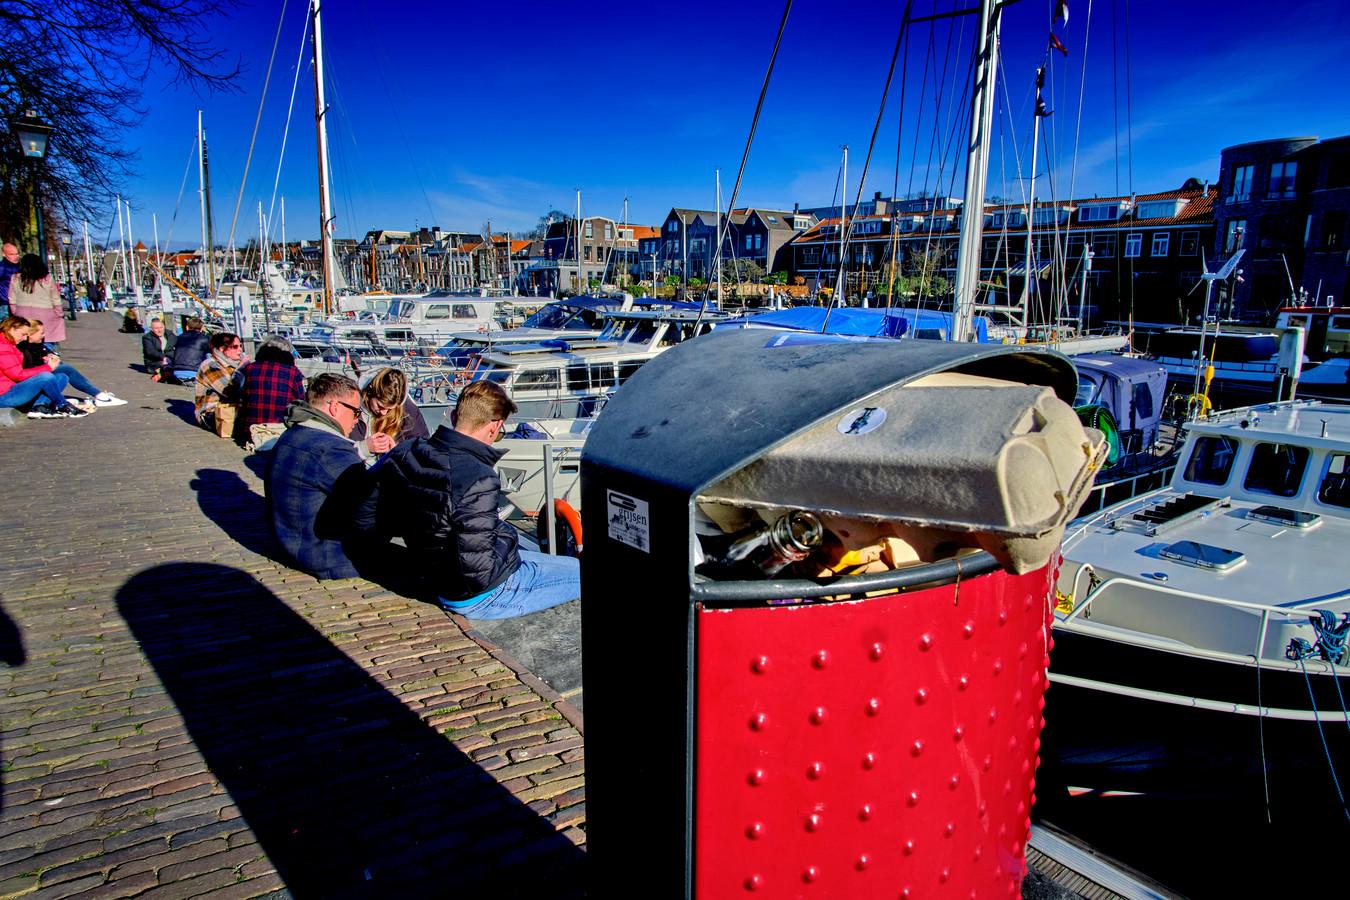 Volle prullenbakken in stad- en havengebied Dordrecht.